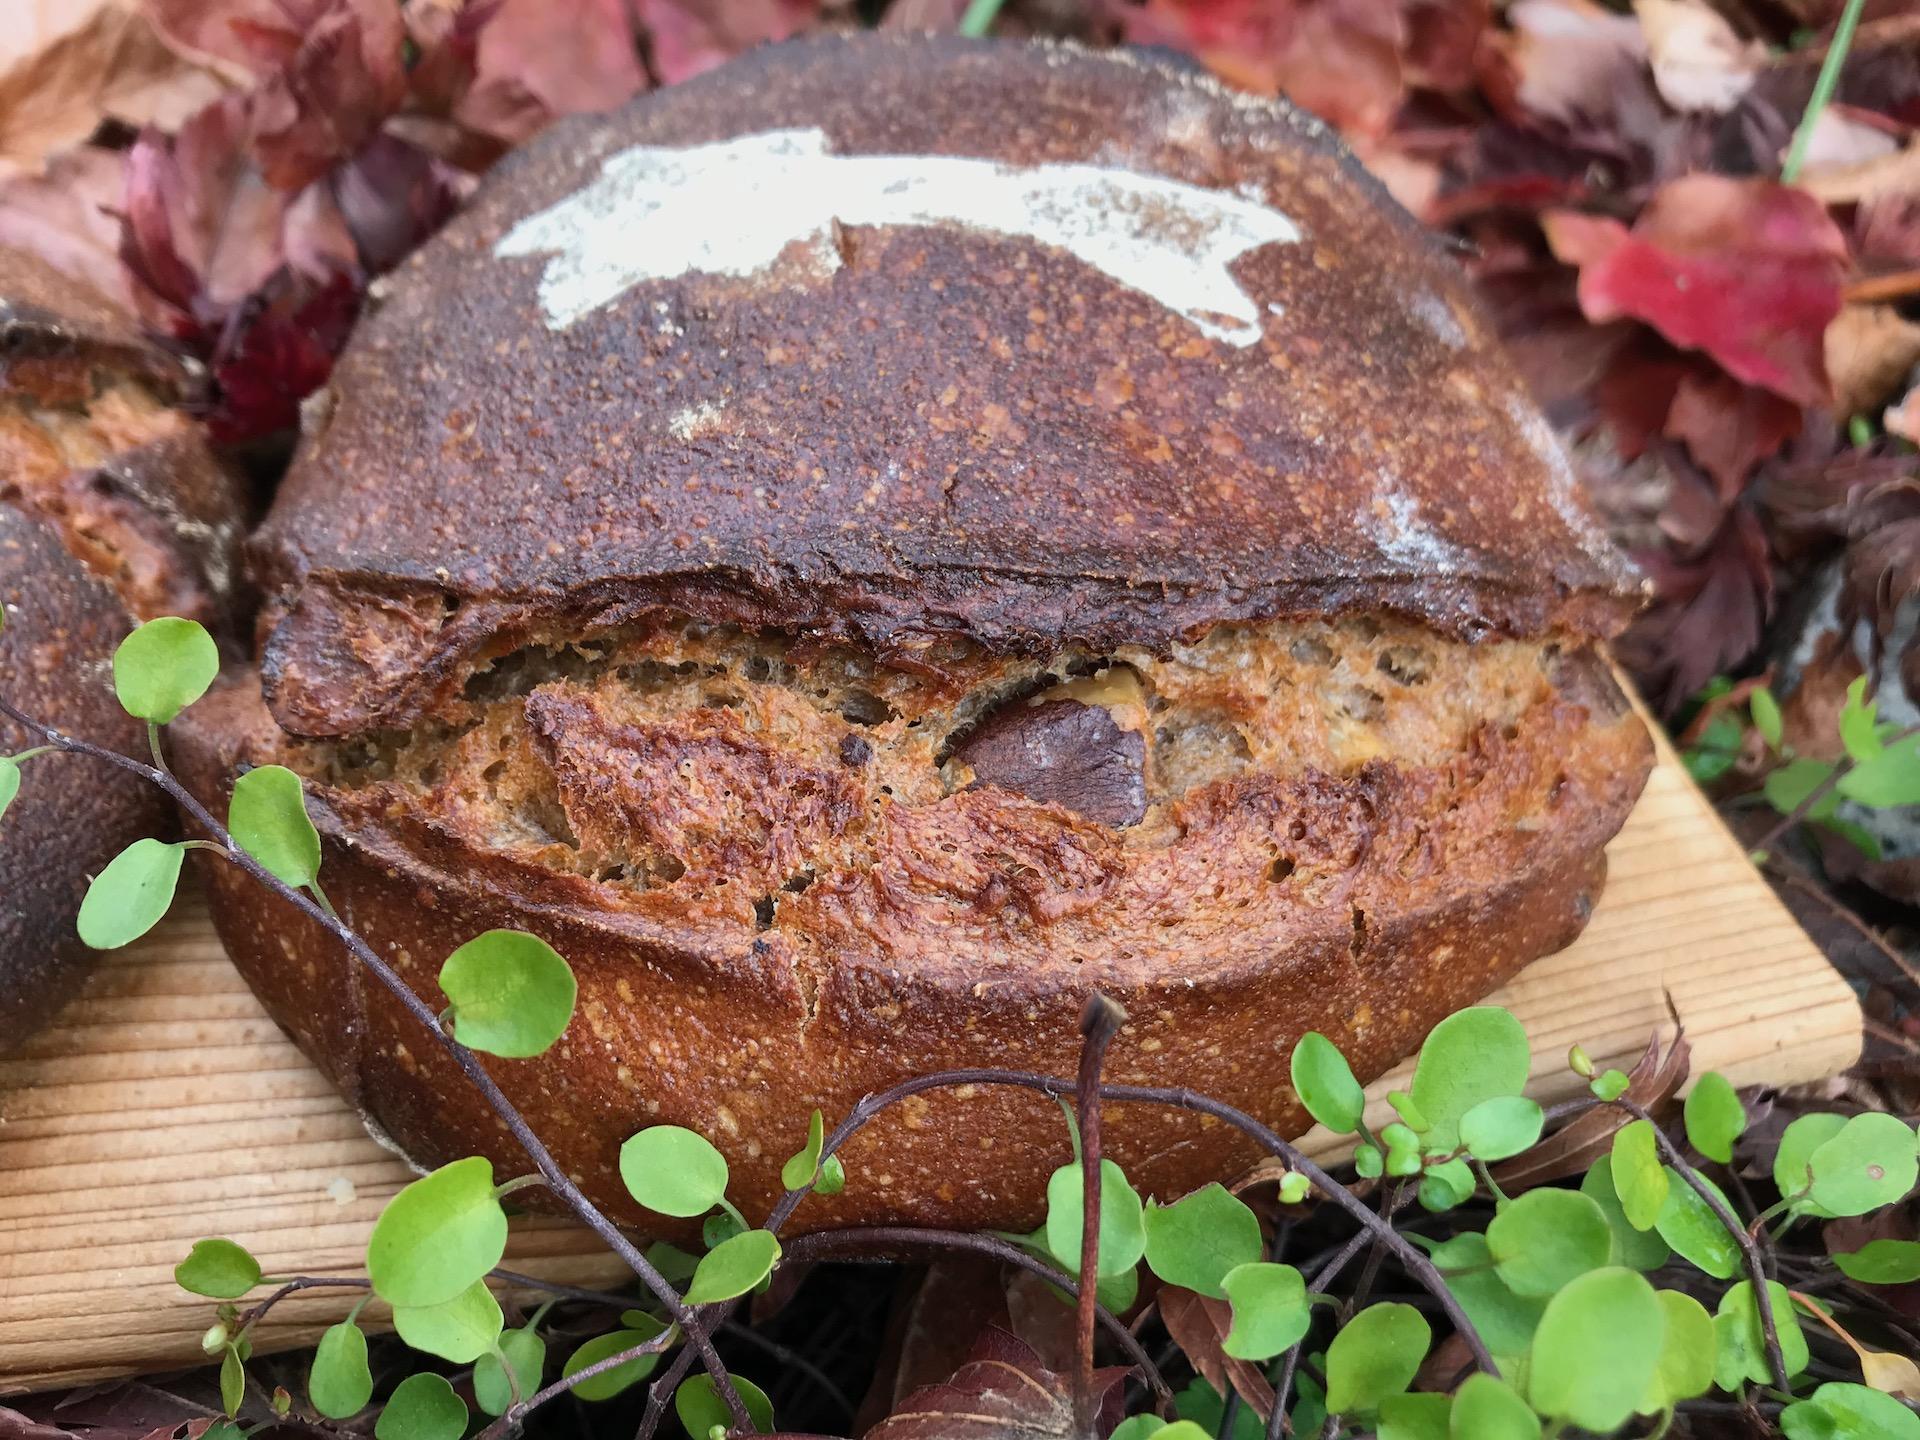 Knecht-Ruprecht-Brot